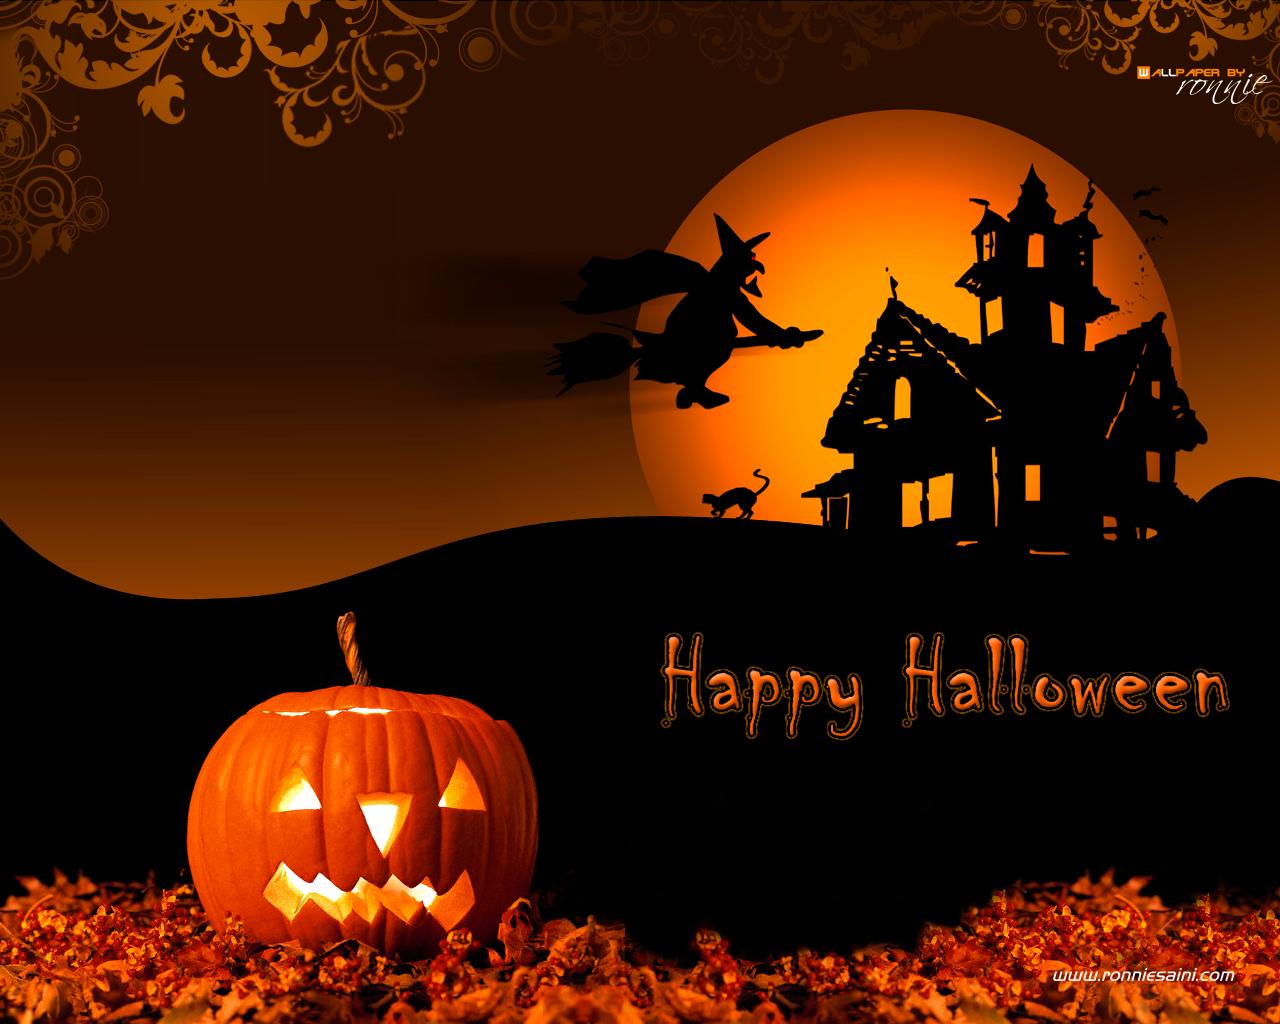 Halloween Wallpapers Halloween 2013 HD Wallpapers Desktop 1280x1024